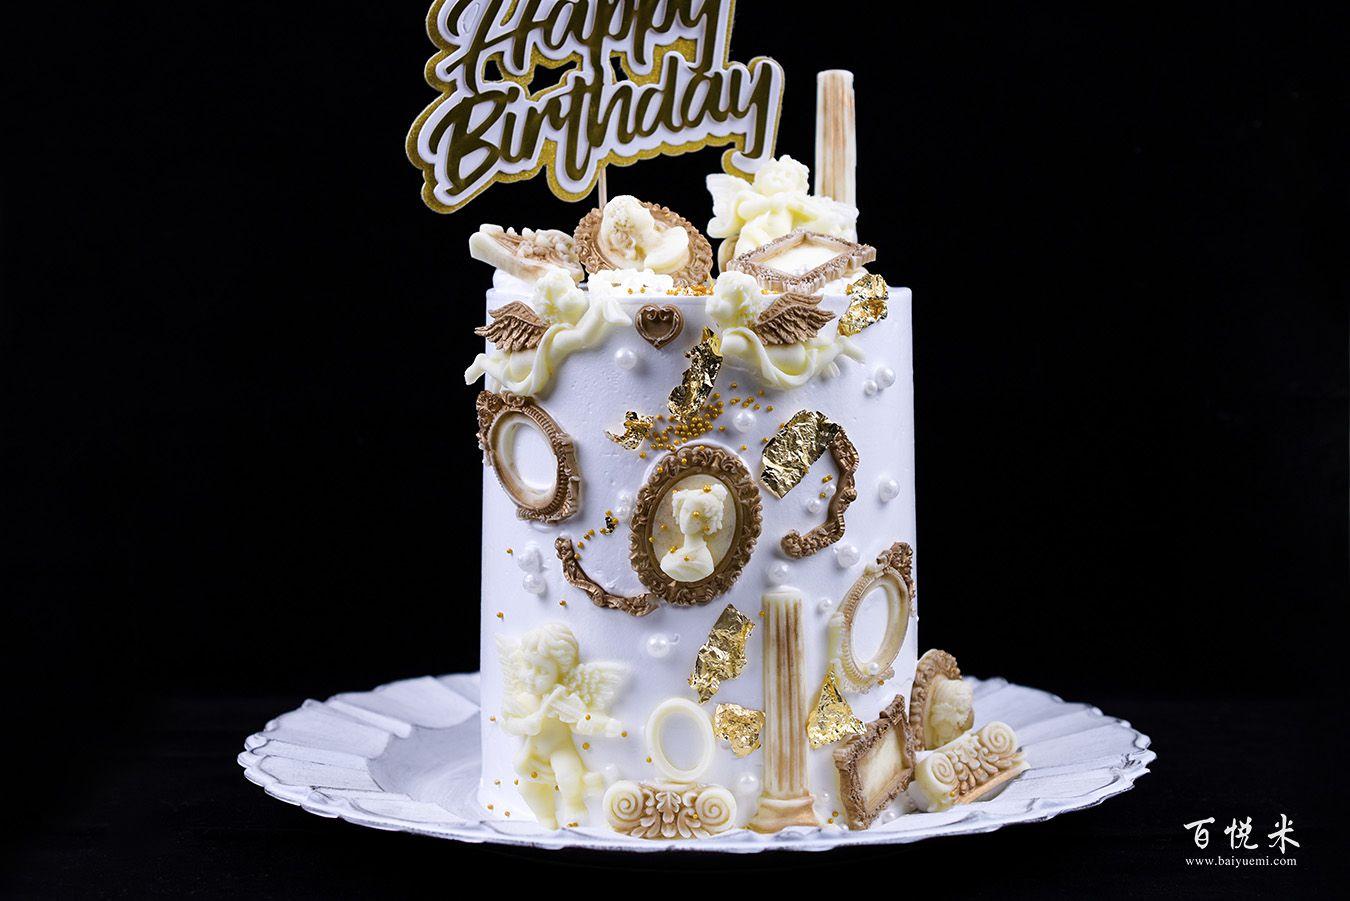 罗马天使浮雕蛋糕高清图片大全【蛋糕图片】_1068